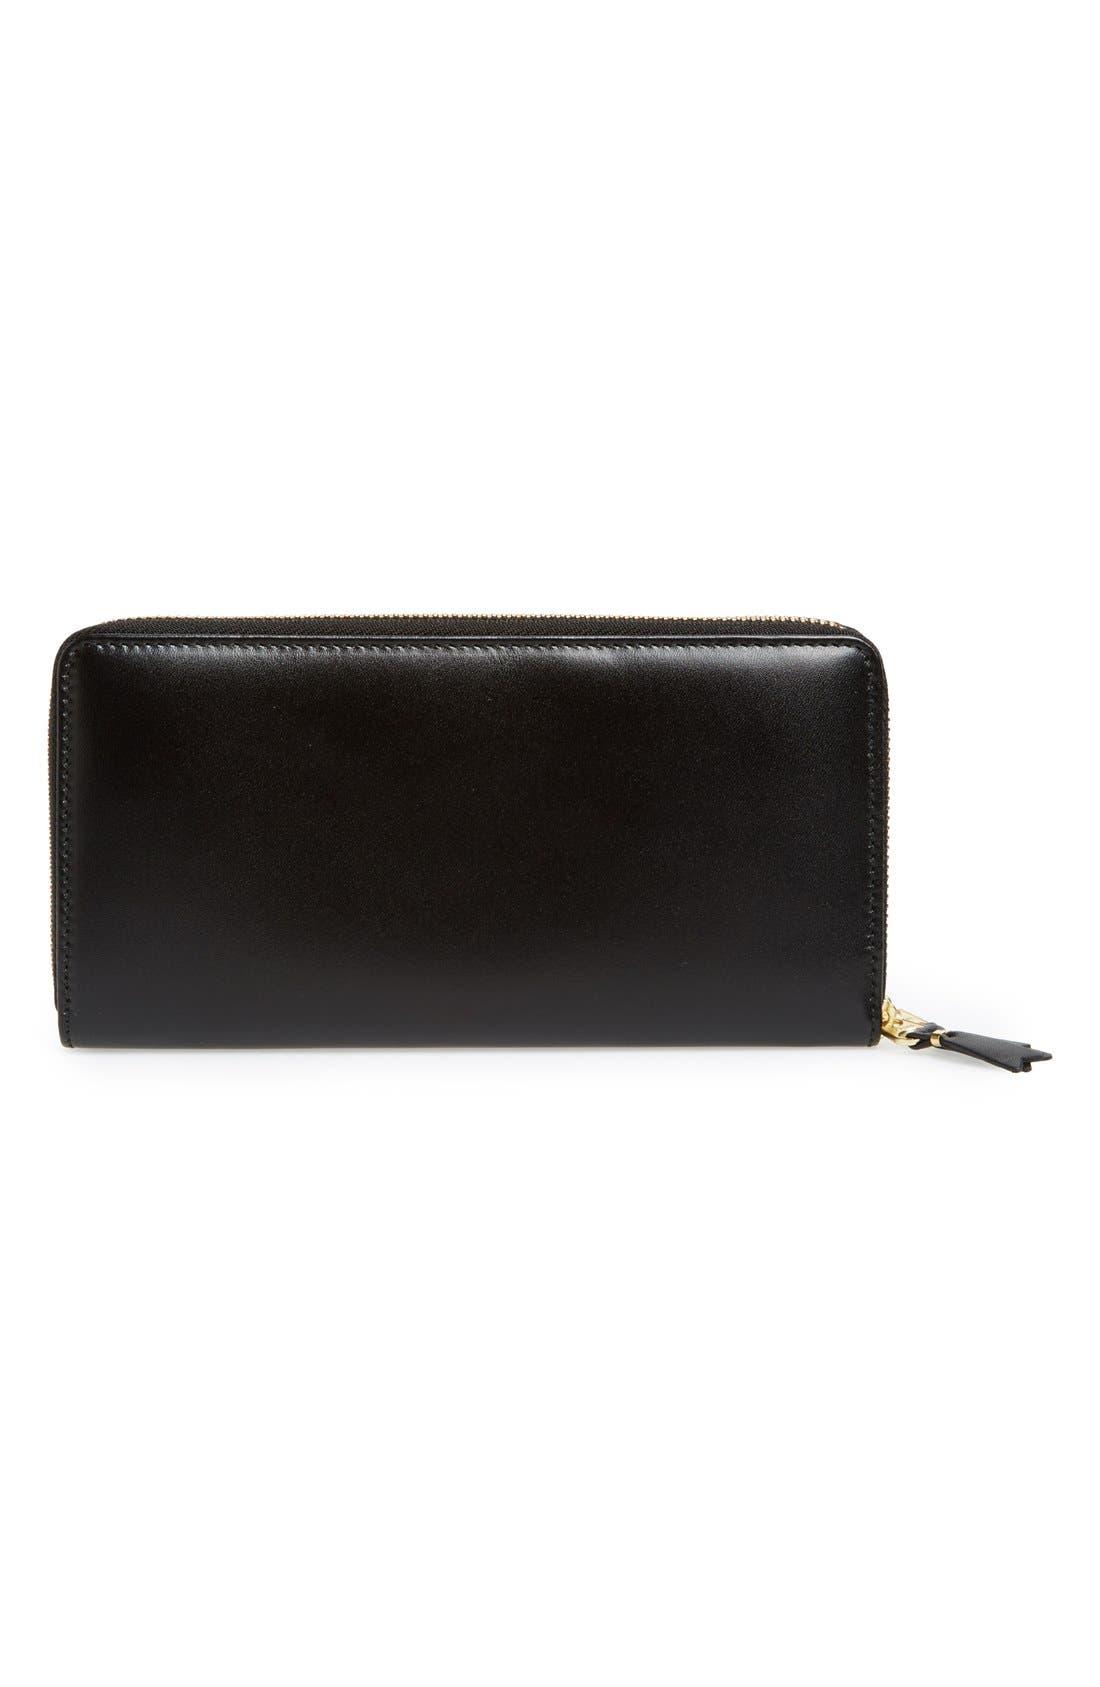 COMME DES GARÇONS, Leather Continental Long Wallet, Alternate thumbnail 3, color, BLACK